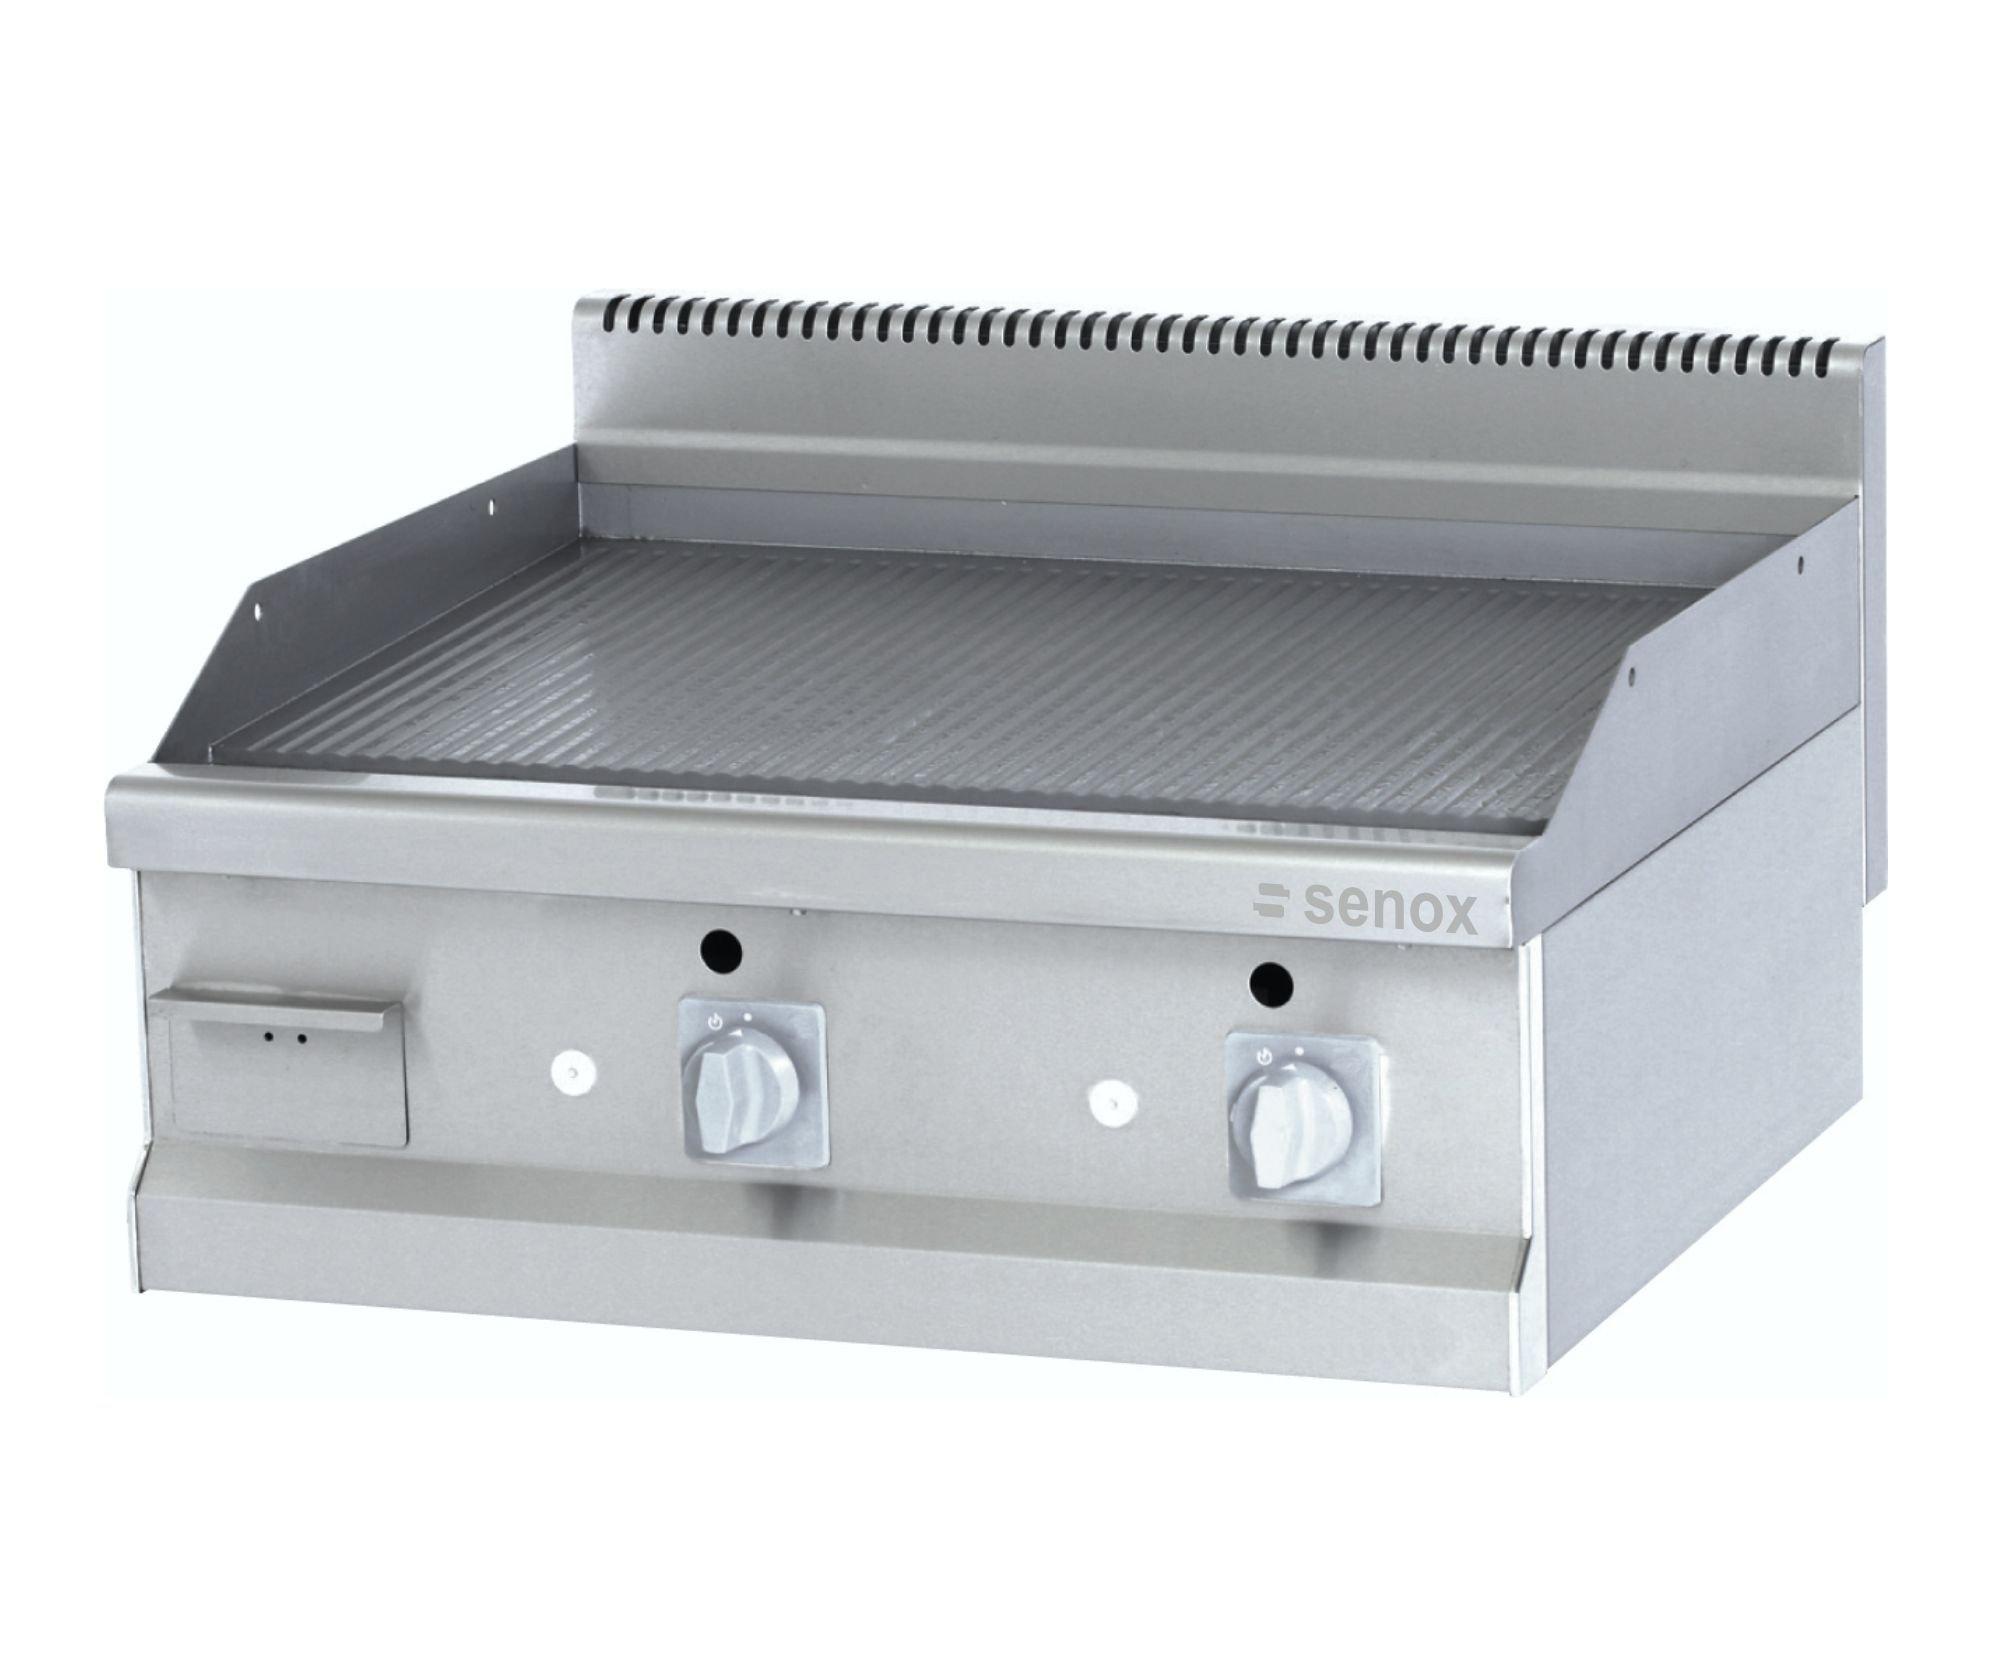 senox-agi-870-gazli-izgara